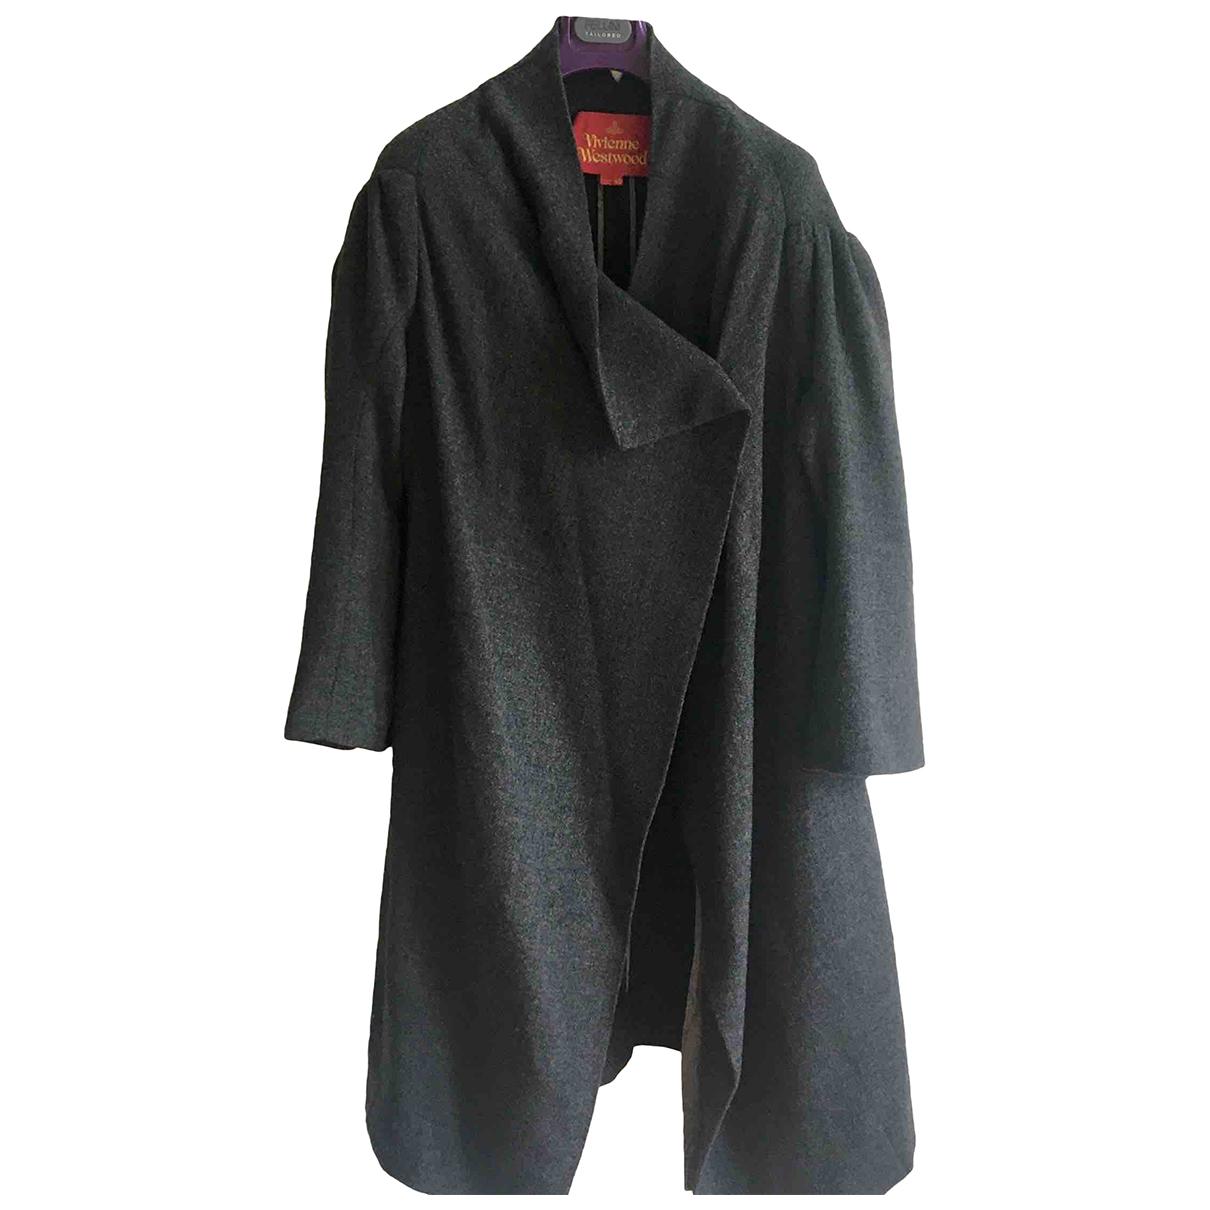 Vivienne Westwood - Manteau   pour femme en laine - gris